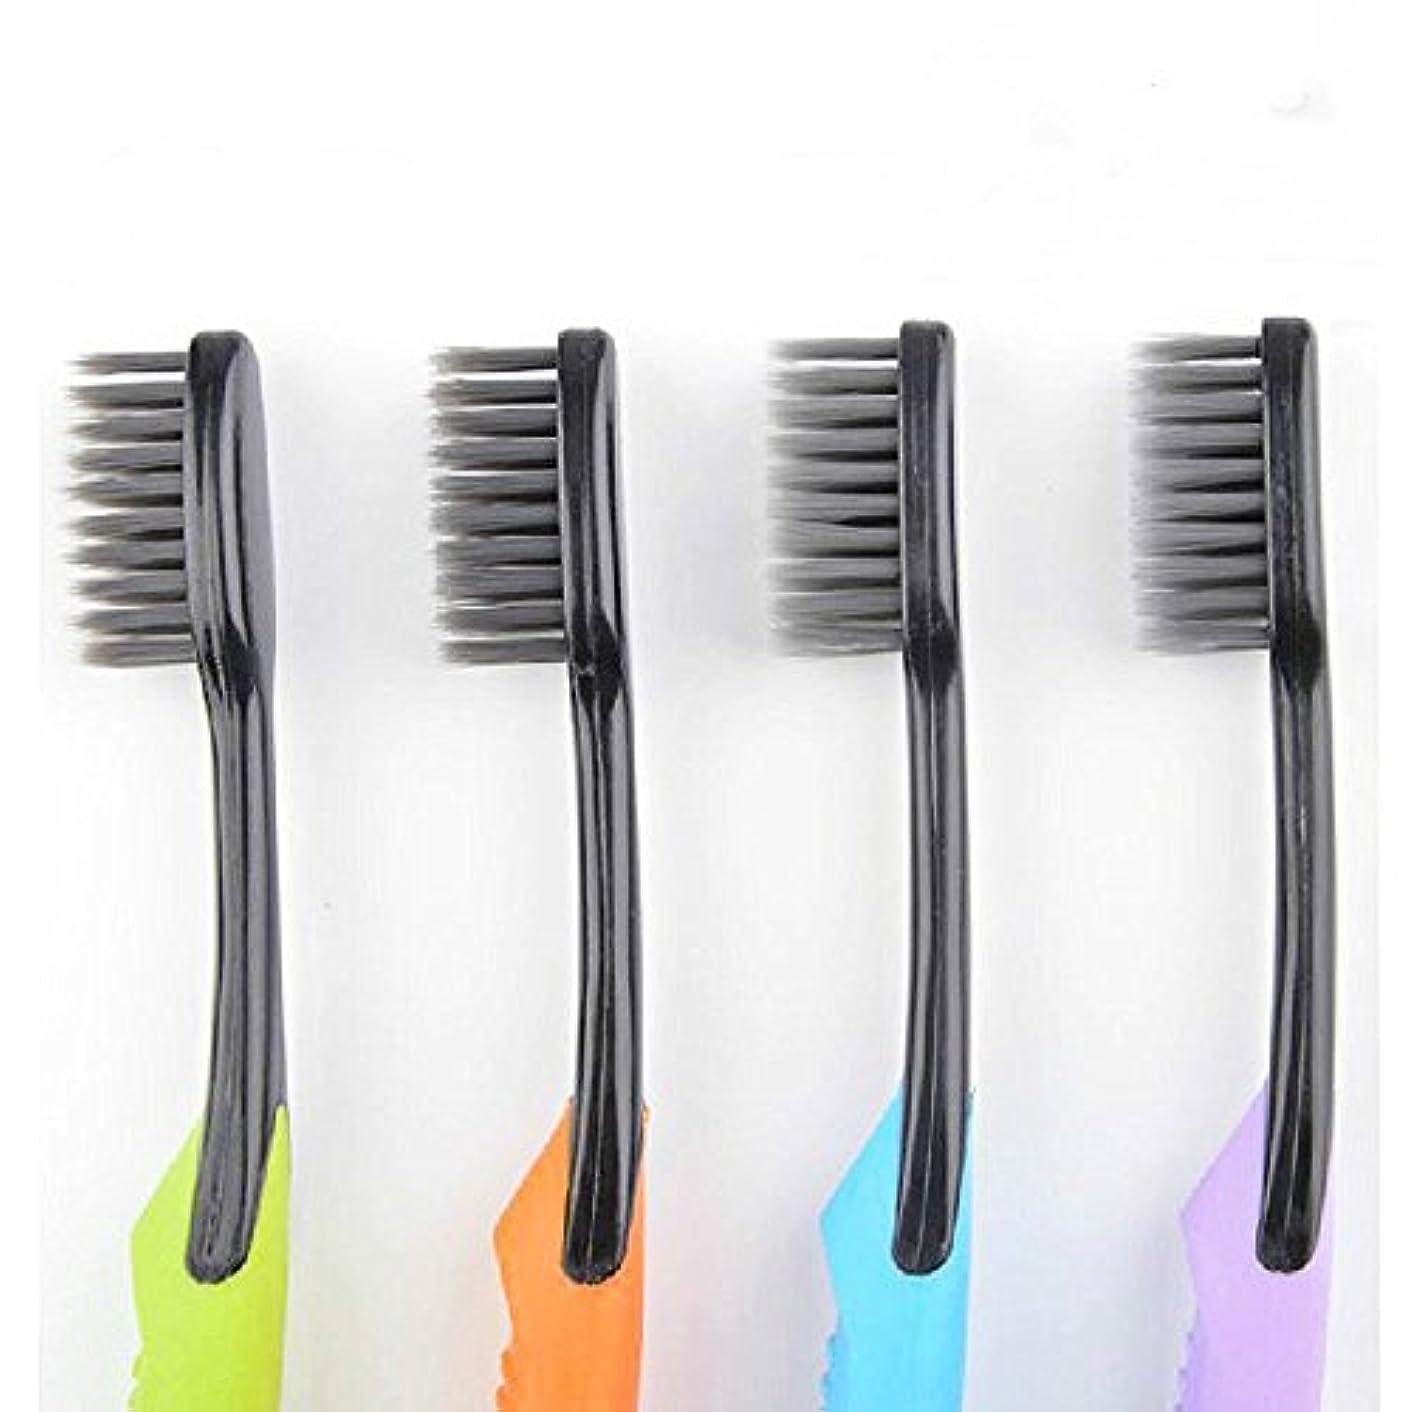 冗談で時間厳守愛されし者Cand Ultra Soft Adult Toothbrush, Bamboo Charcoal Bristle, Pack of 4 by Cand